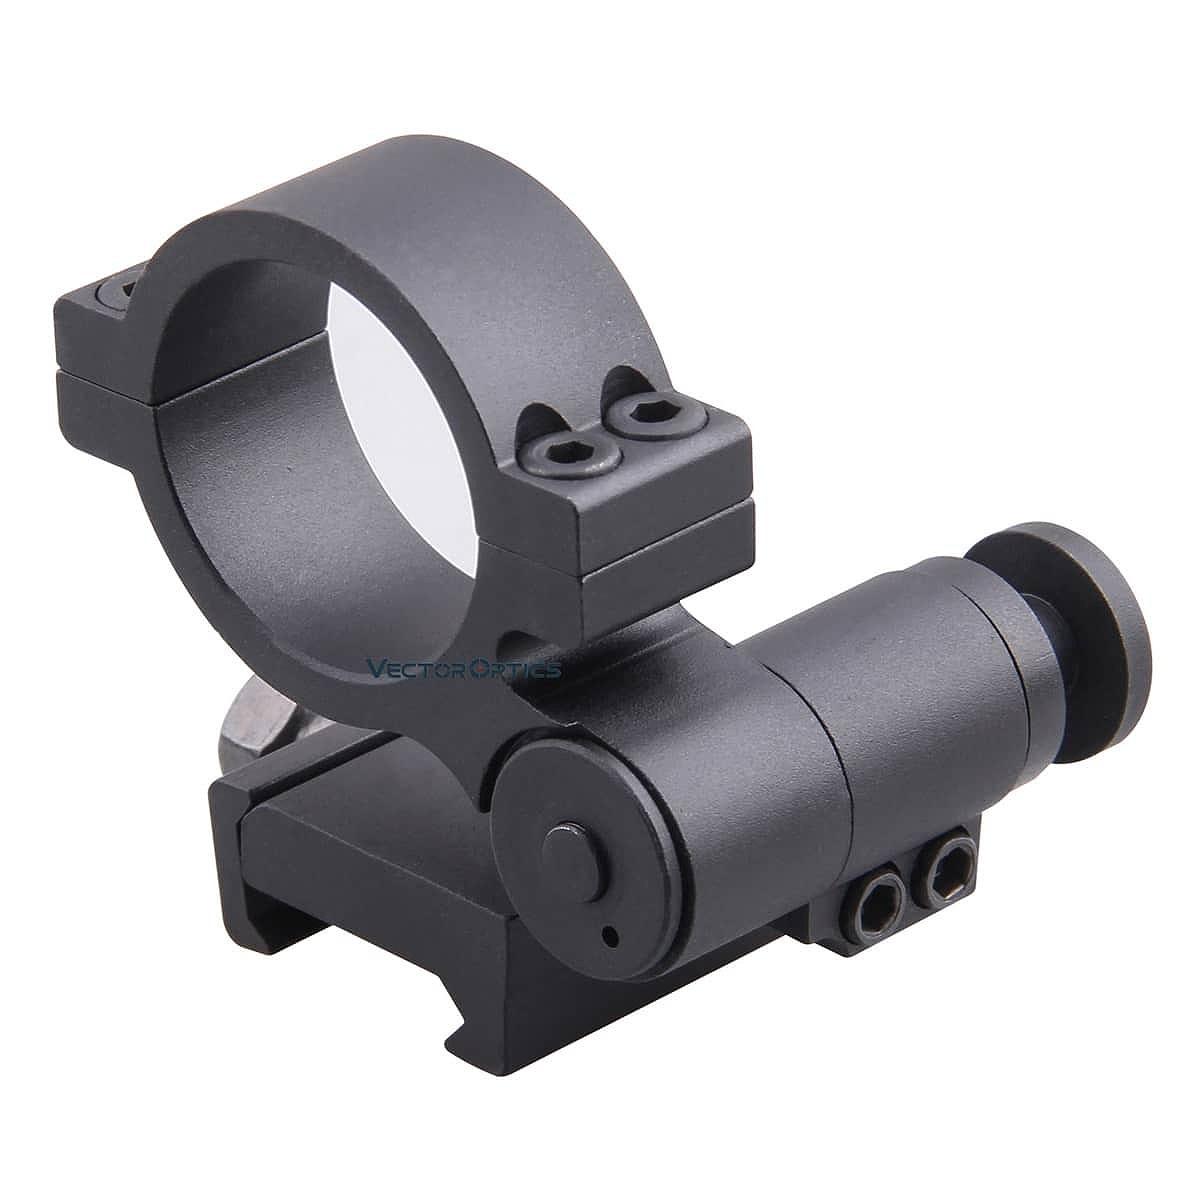 【お届け予定日: 5月30日】ベクターオプティクス スコープマウント 30mm Flip to Side Picatinny Ring  Vector Optics SCTM-17